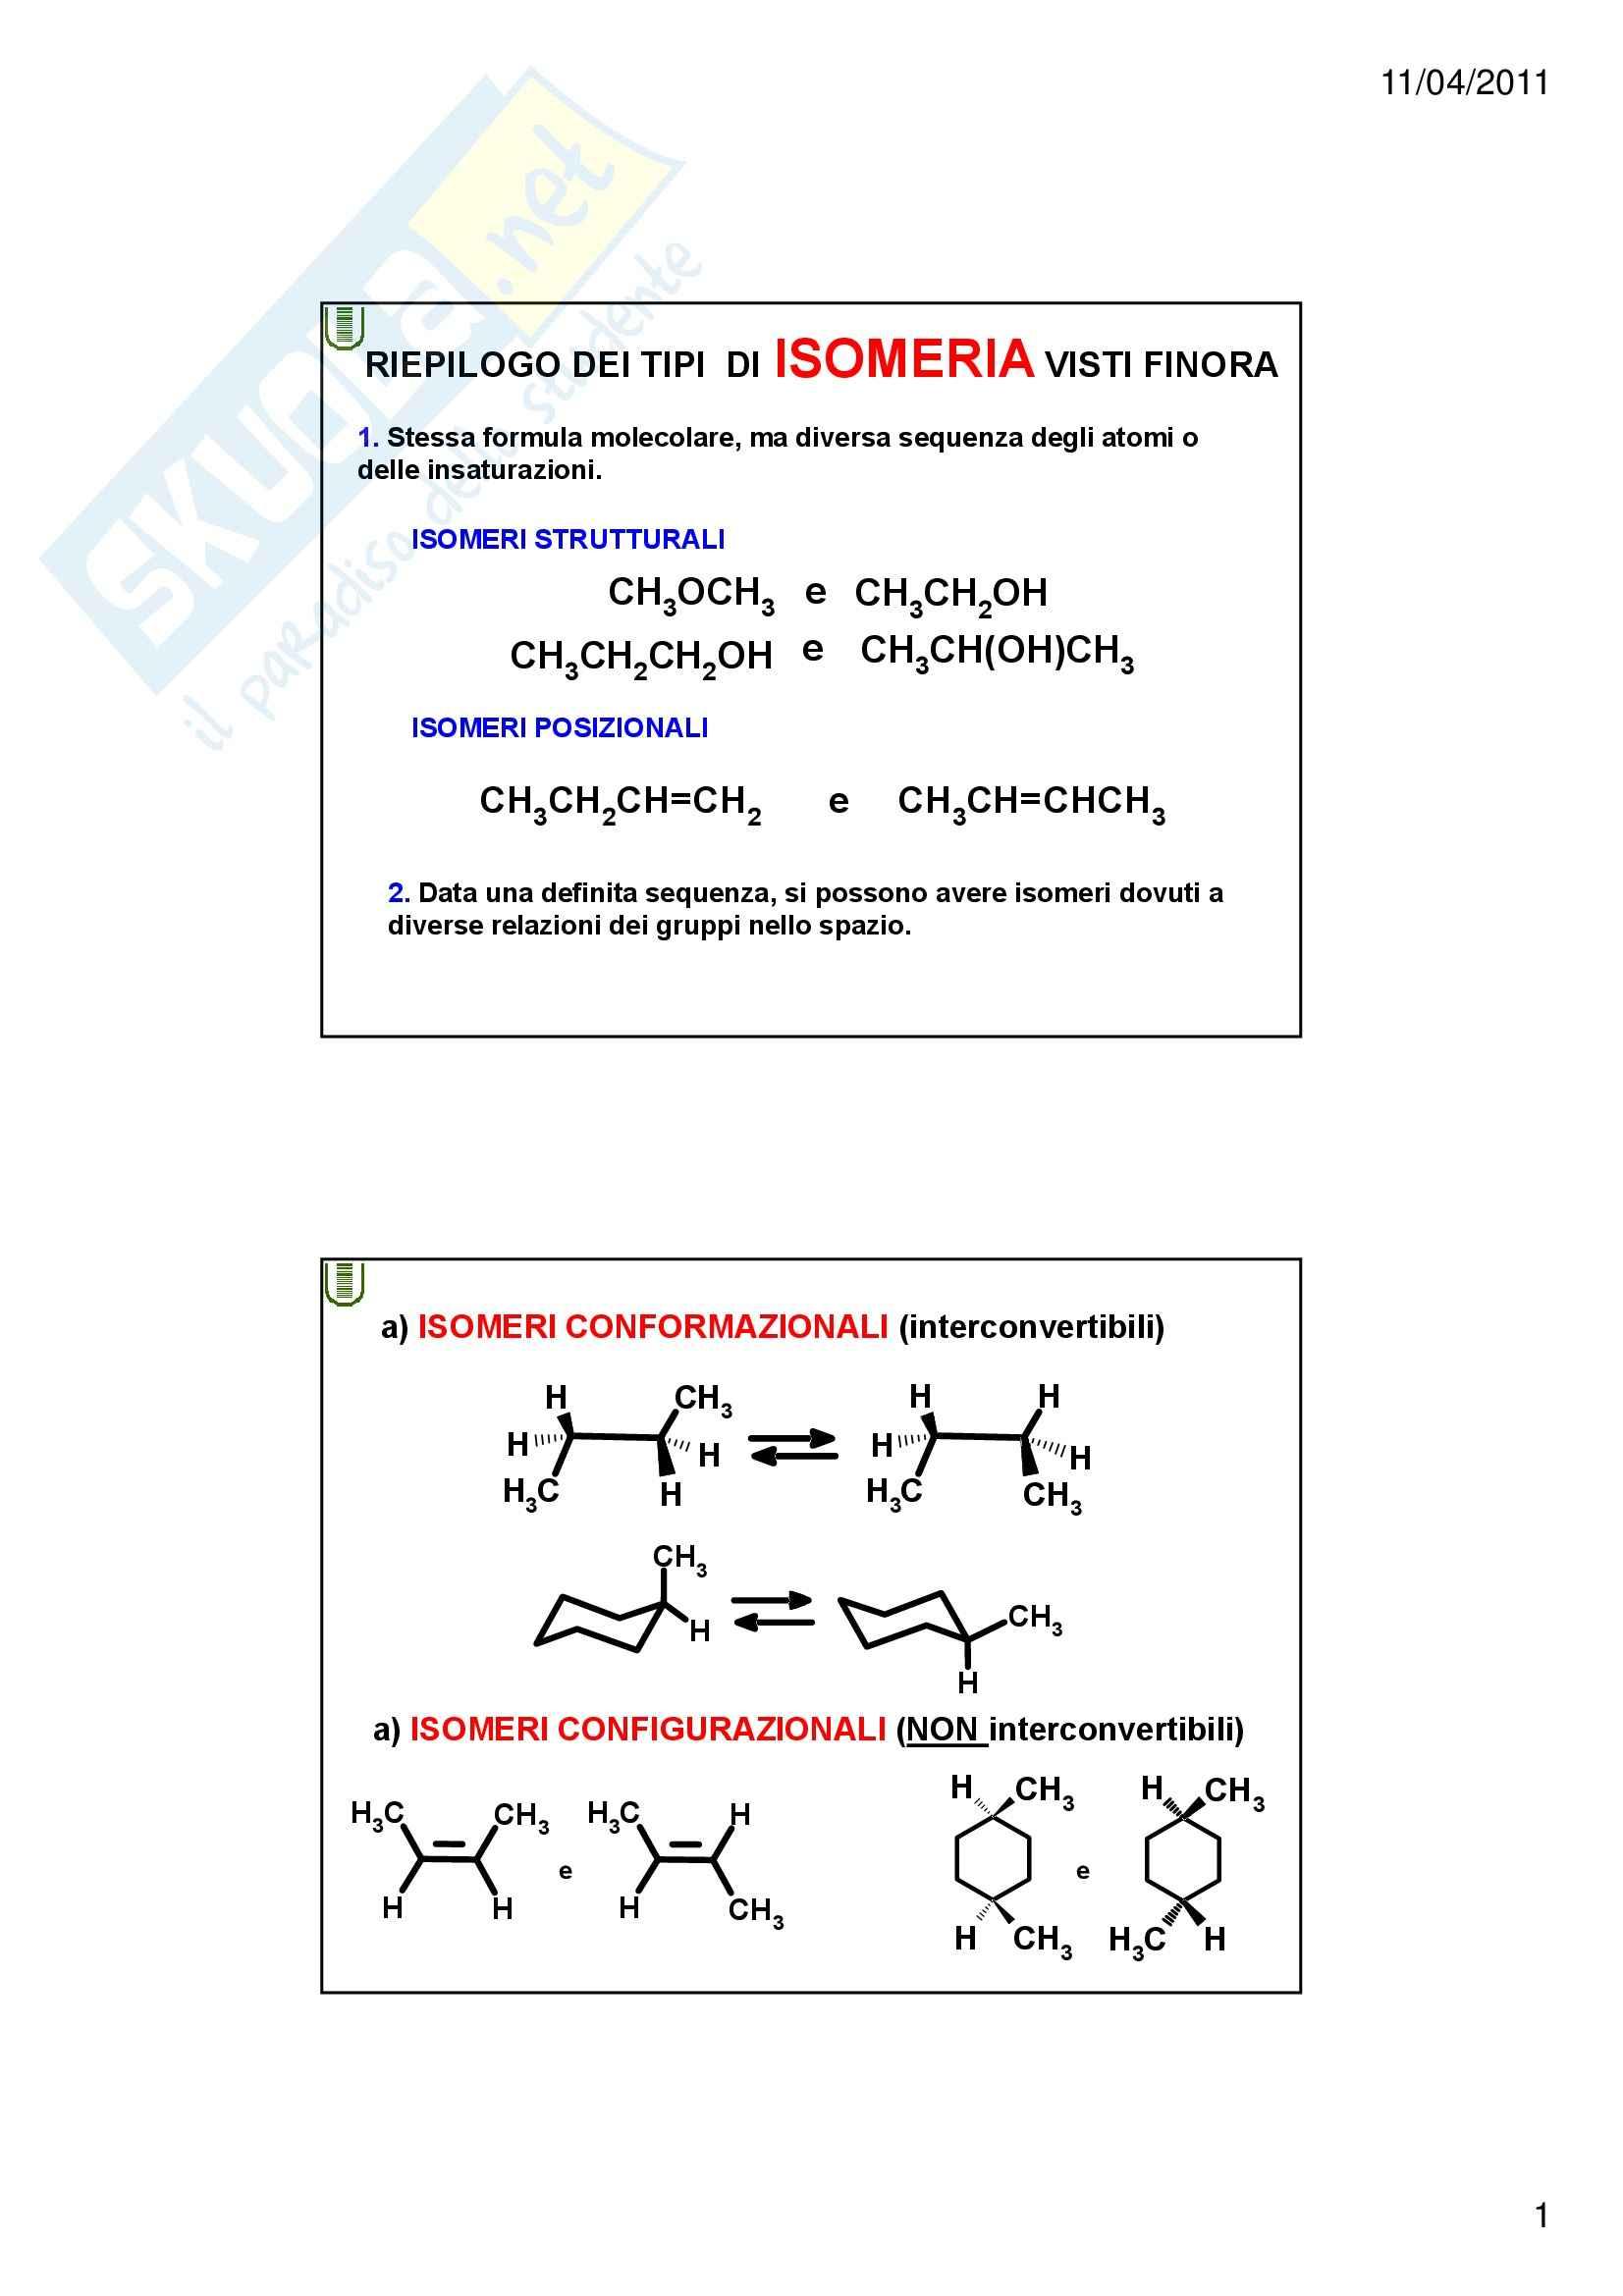 Chimica organica - la stereochimica